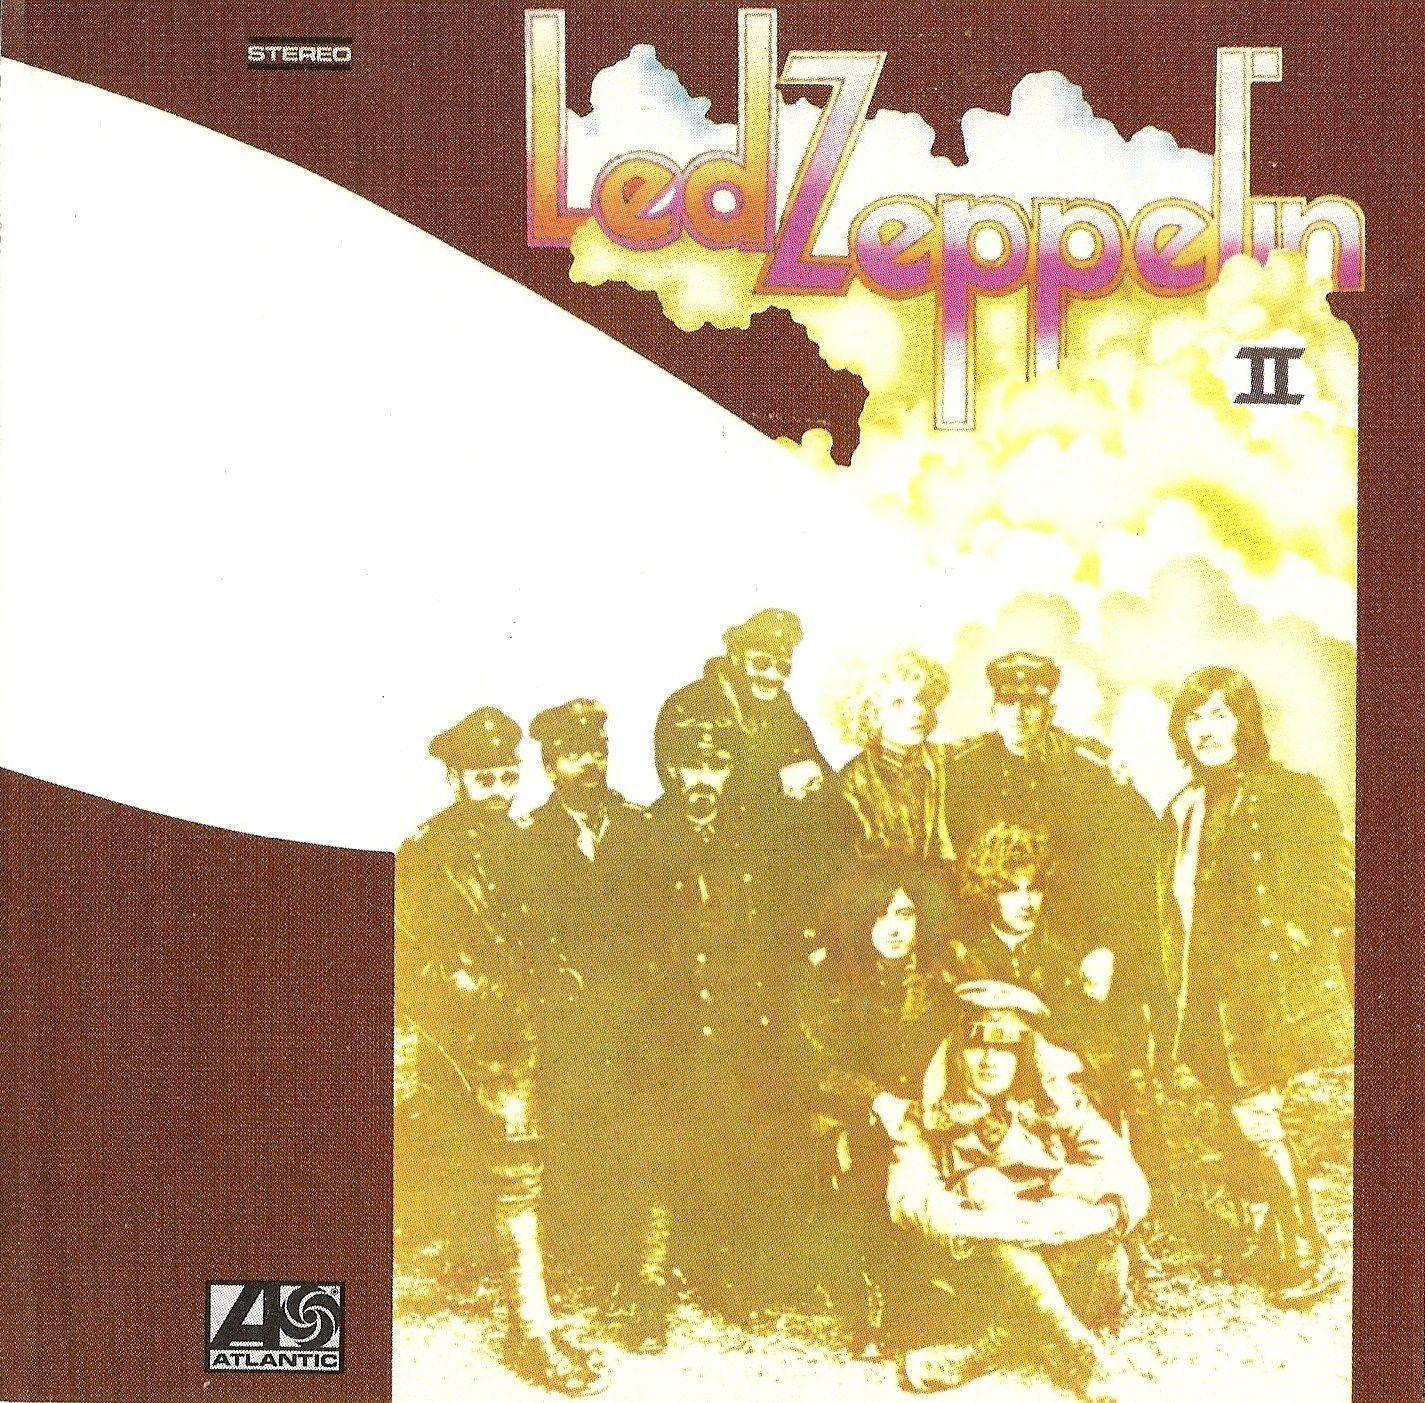 Led Zeppelin - Led Zeppelin 2 album cover